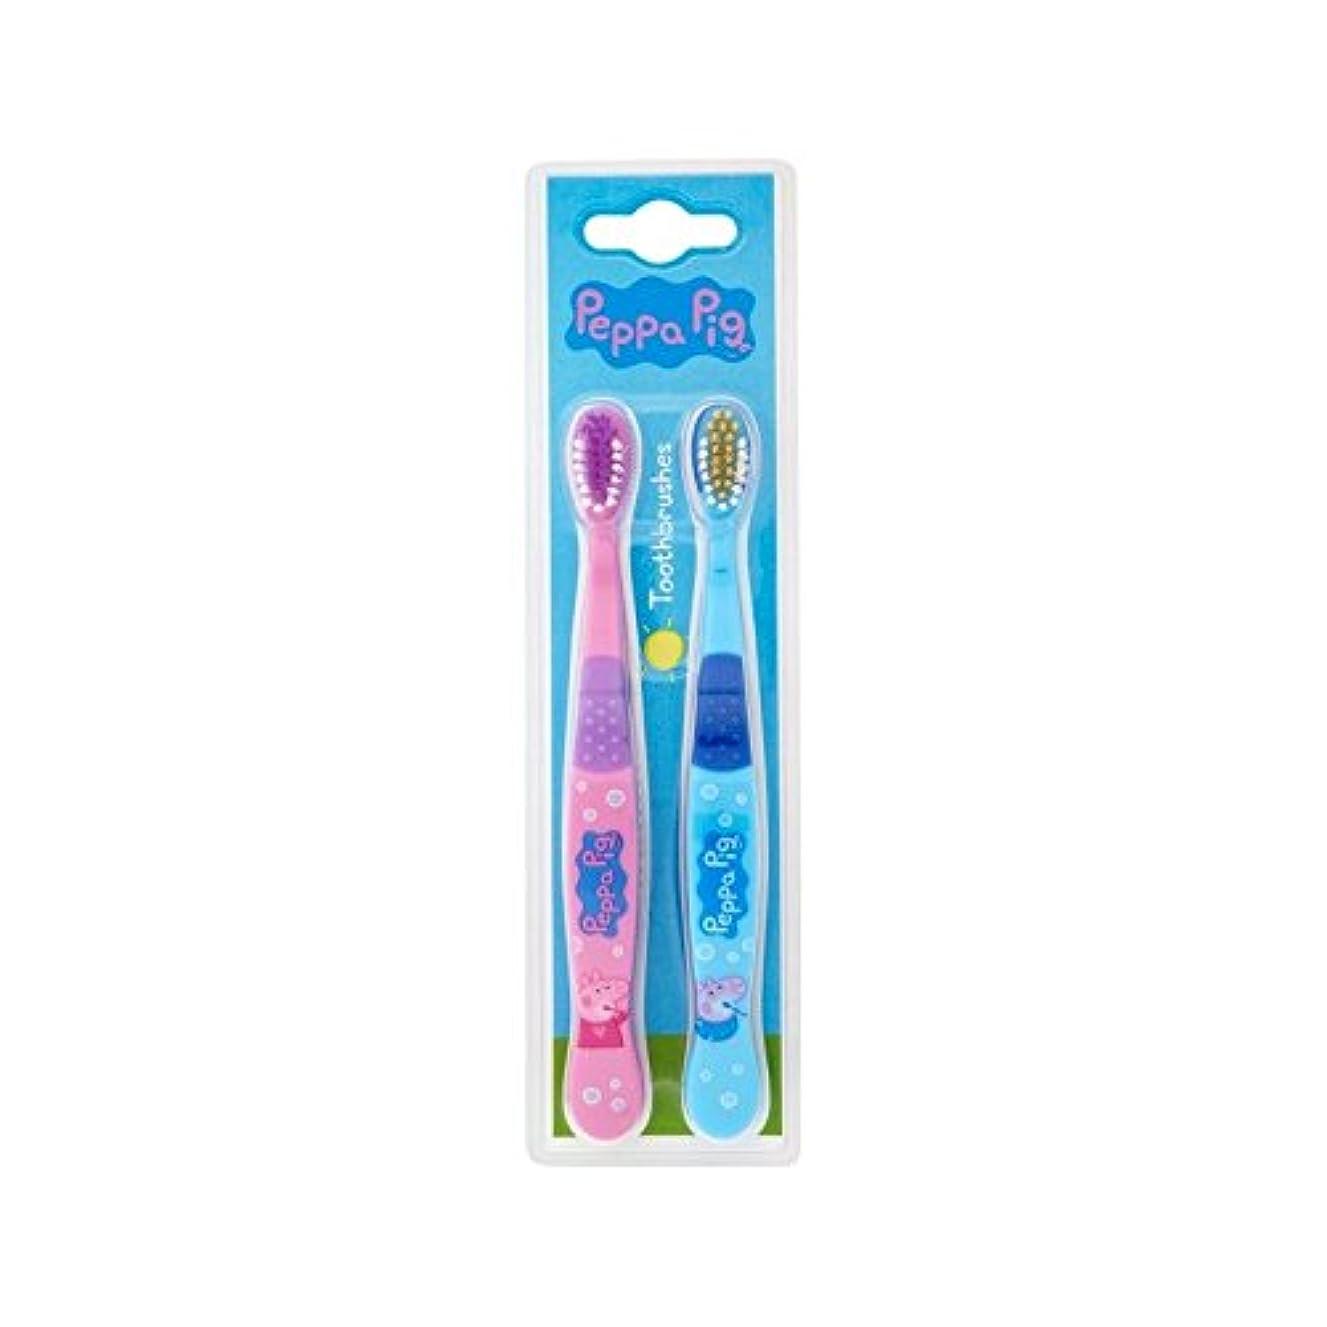 コカインコロニー進化1パックツイン歯ブラシ2 (Peppa Pig) (x 6) - Peppa Pig Twin Toothbrush 2 per pack (Pack of 6) [並行輸入品]